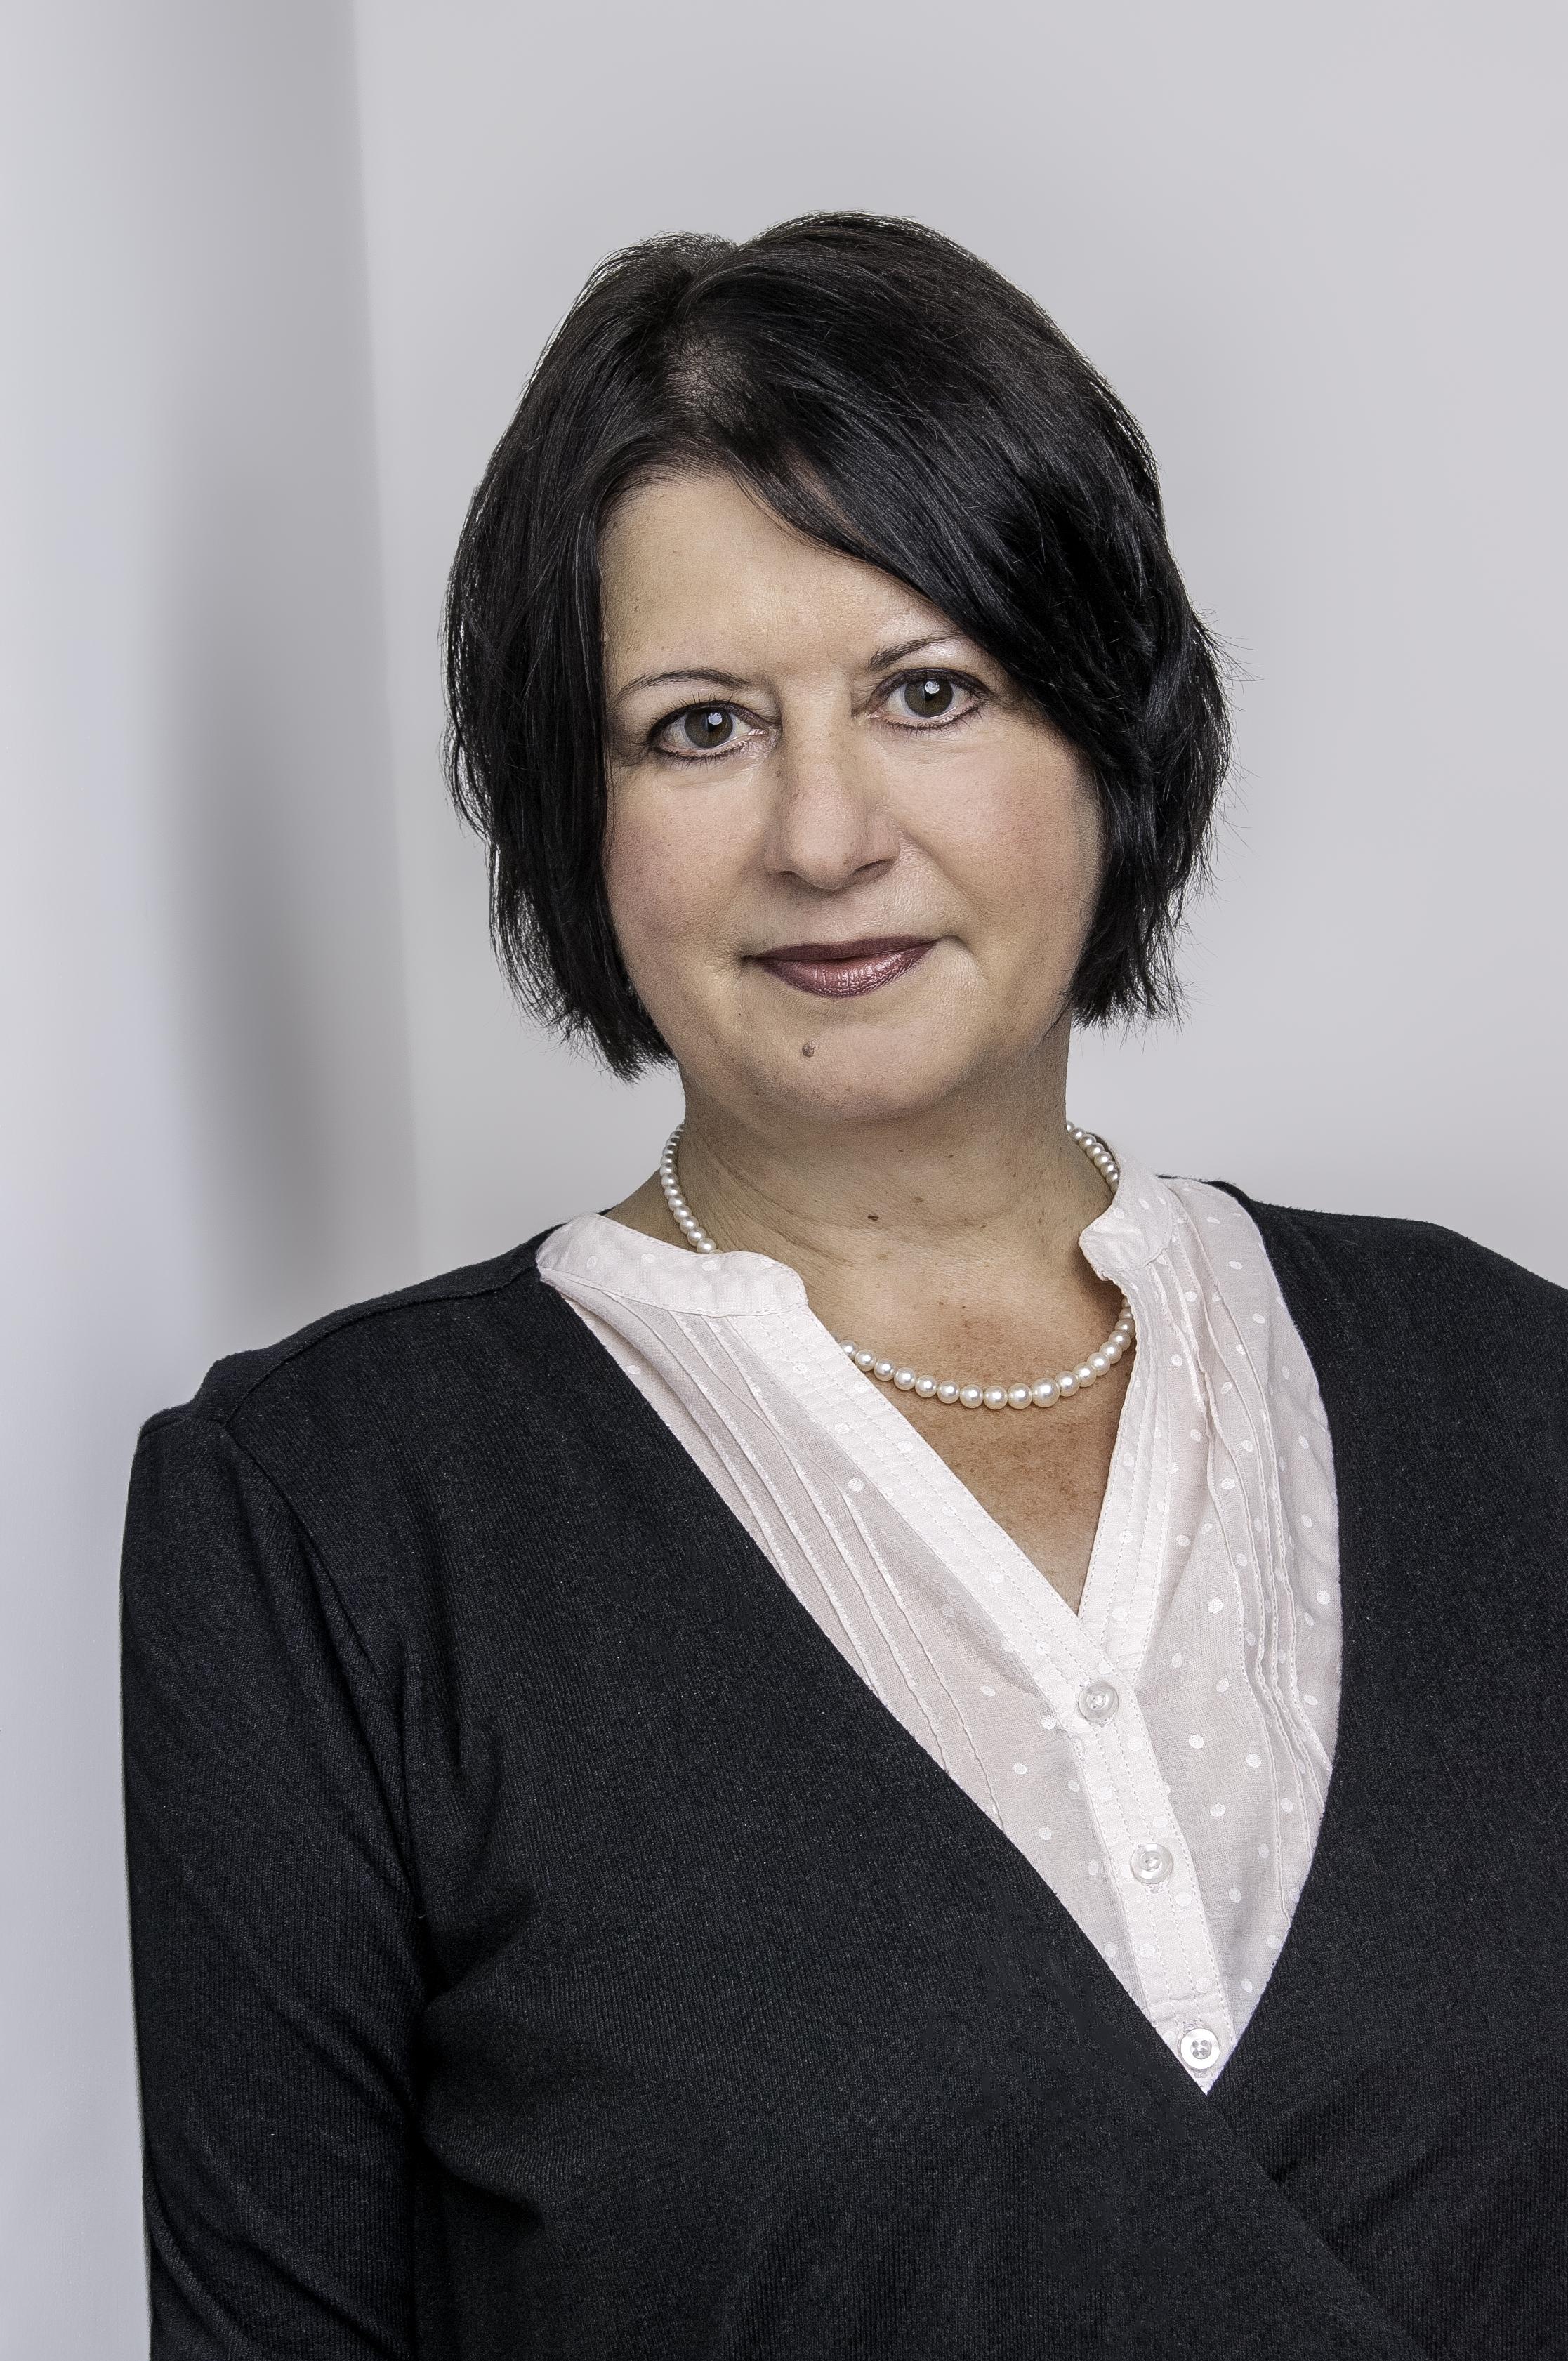 Johanna Werner-Balcke